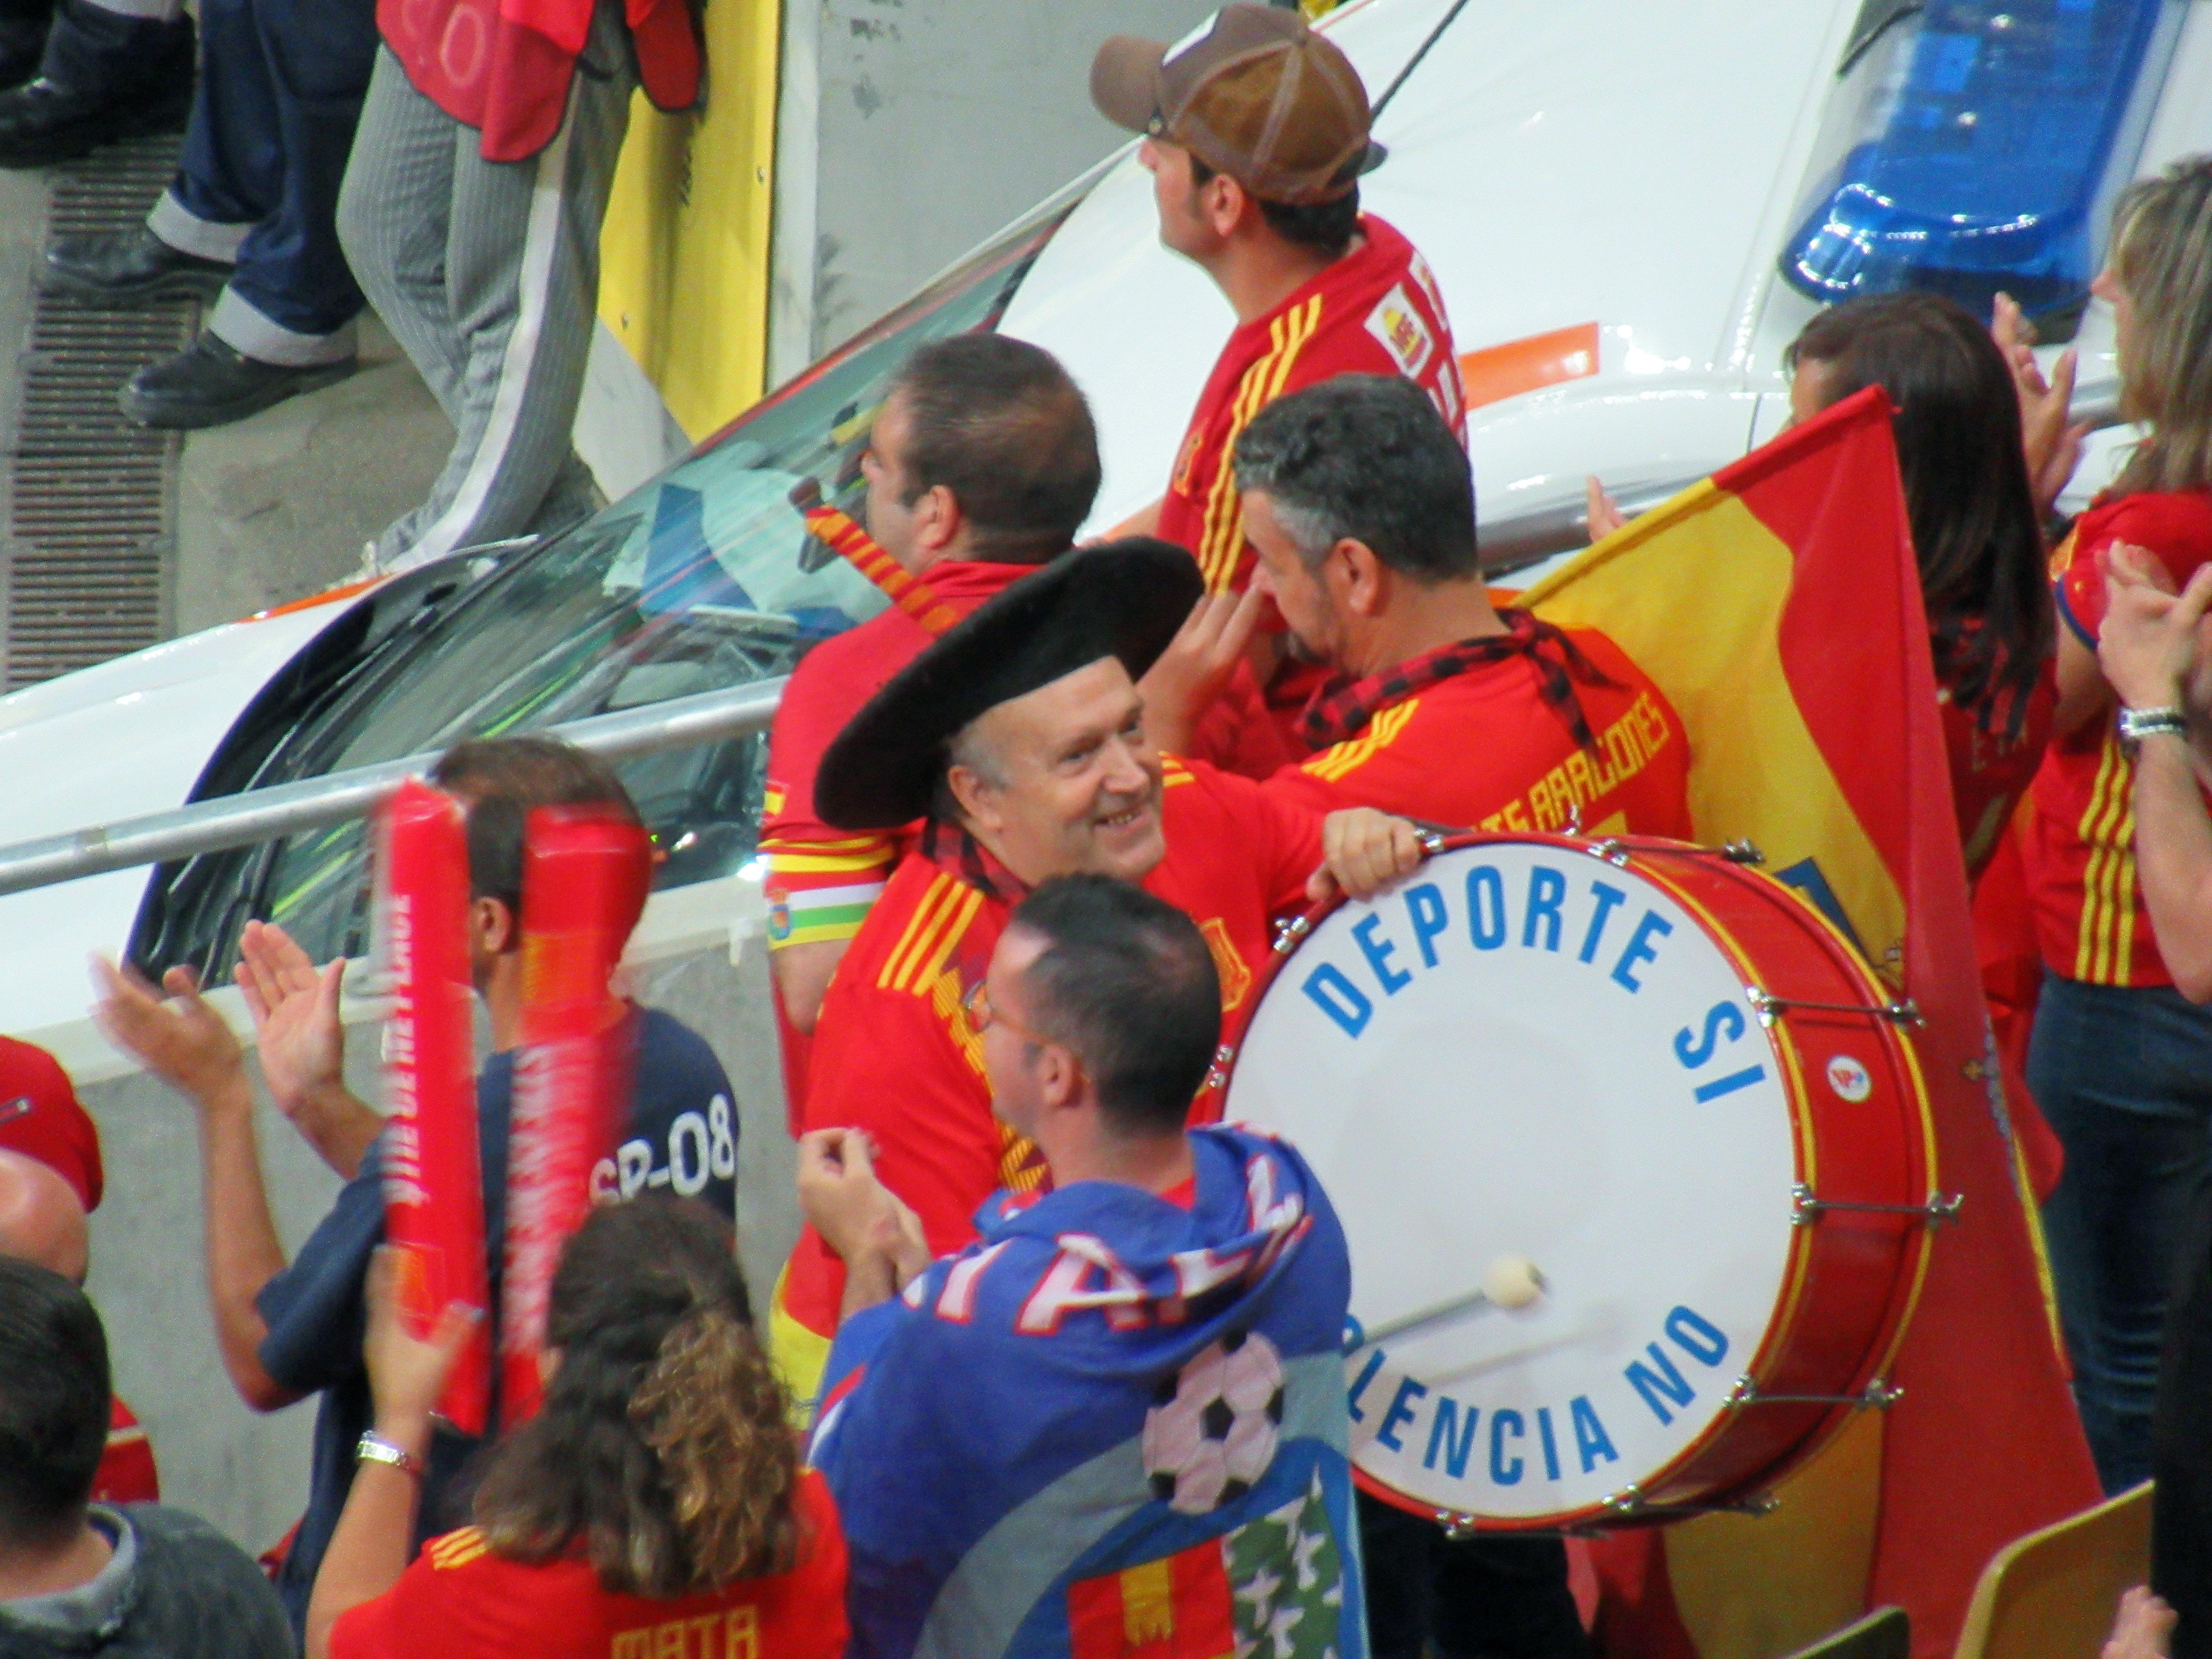 Manolo Spain's famous fan